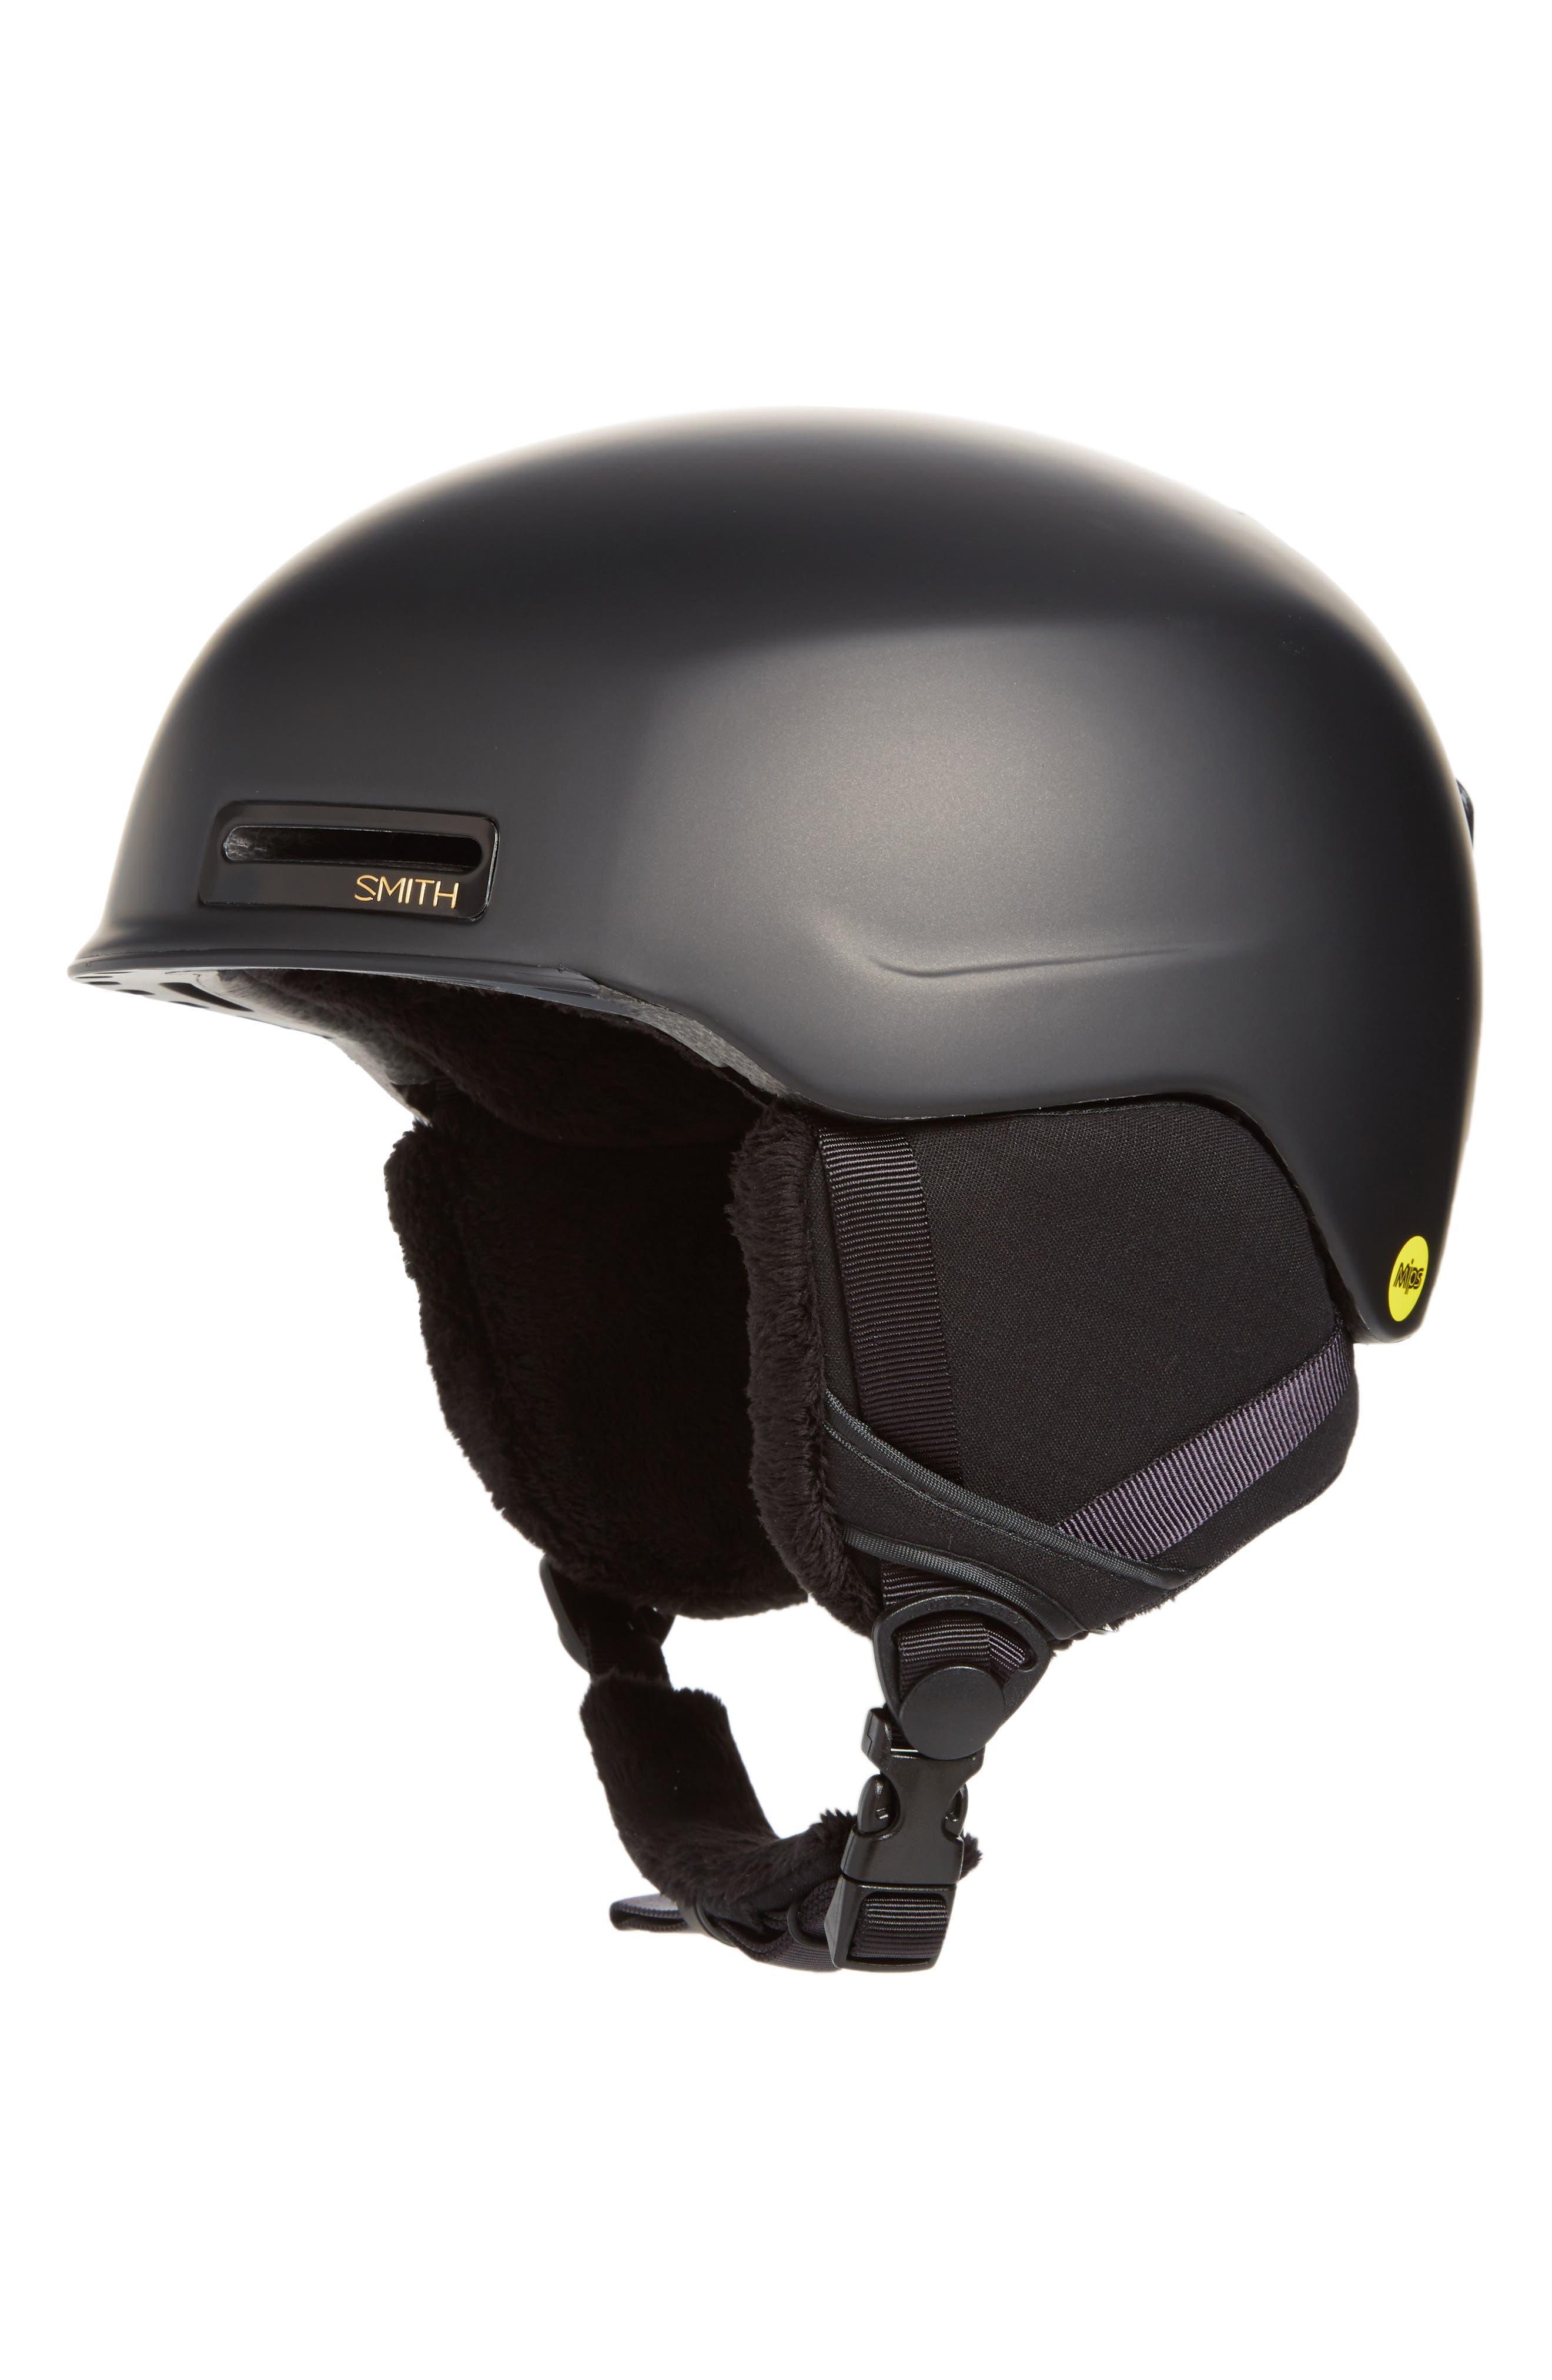 Allure Snow Helmet With Mips - Black, Matte Black Pearl